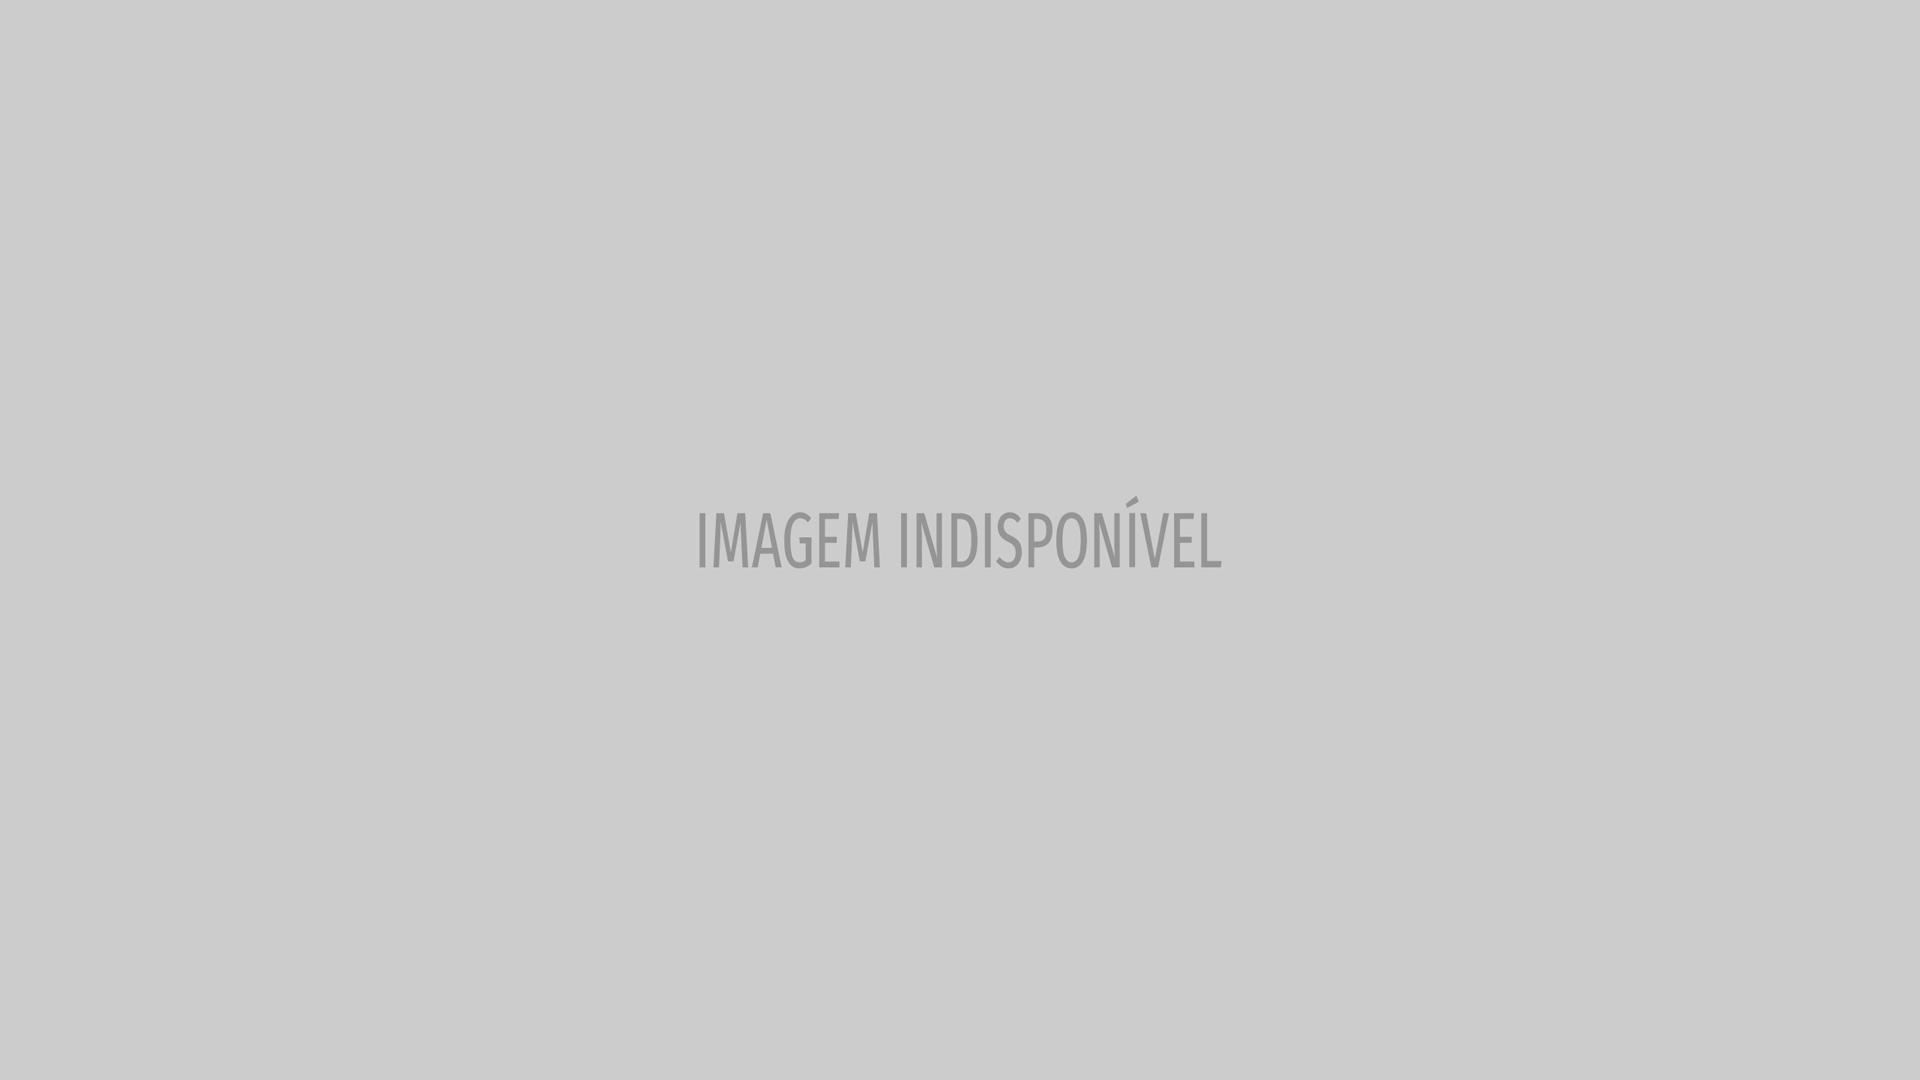 Miss da Venezuela vira meme ao viajar pelo mundo sem sair do banheiro